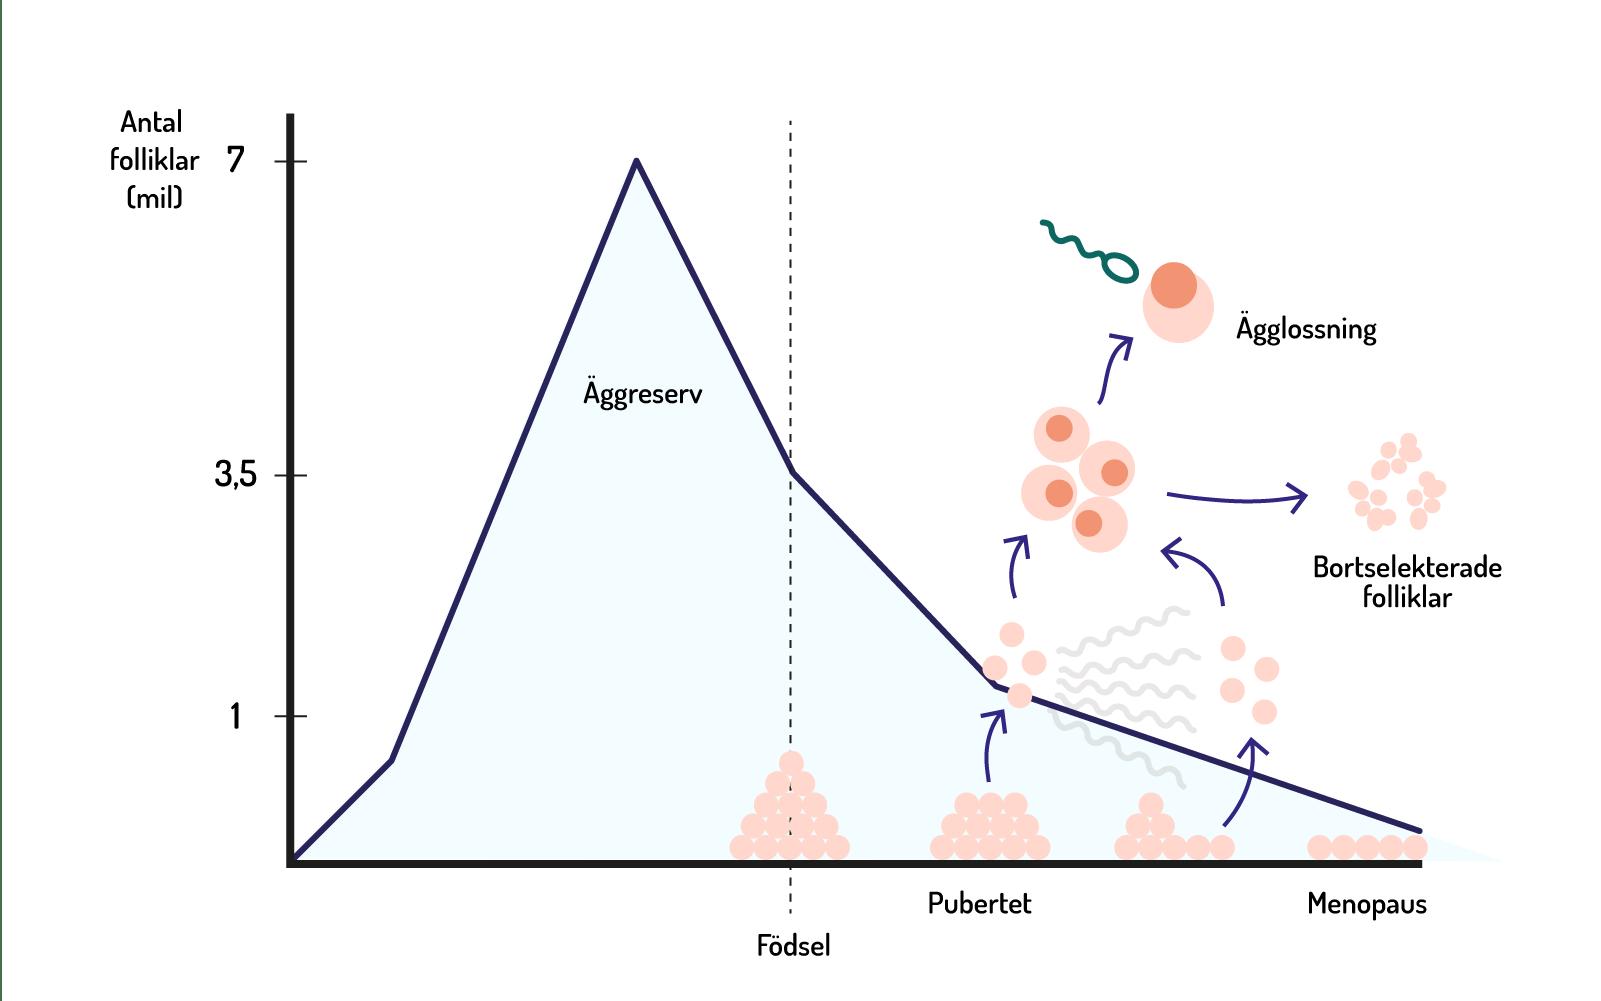 Illustration av sambandet mellan antal folliklar och livscykel